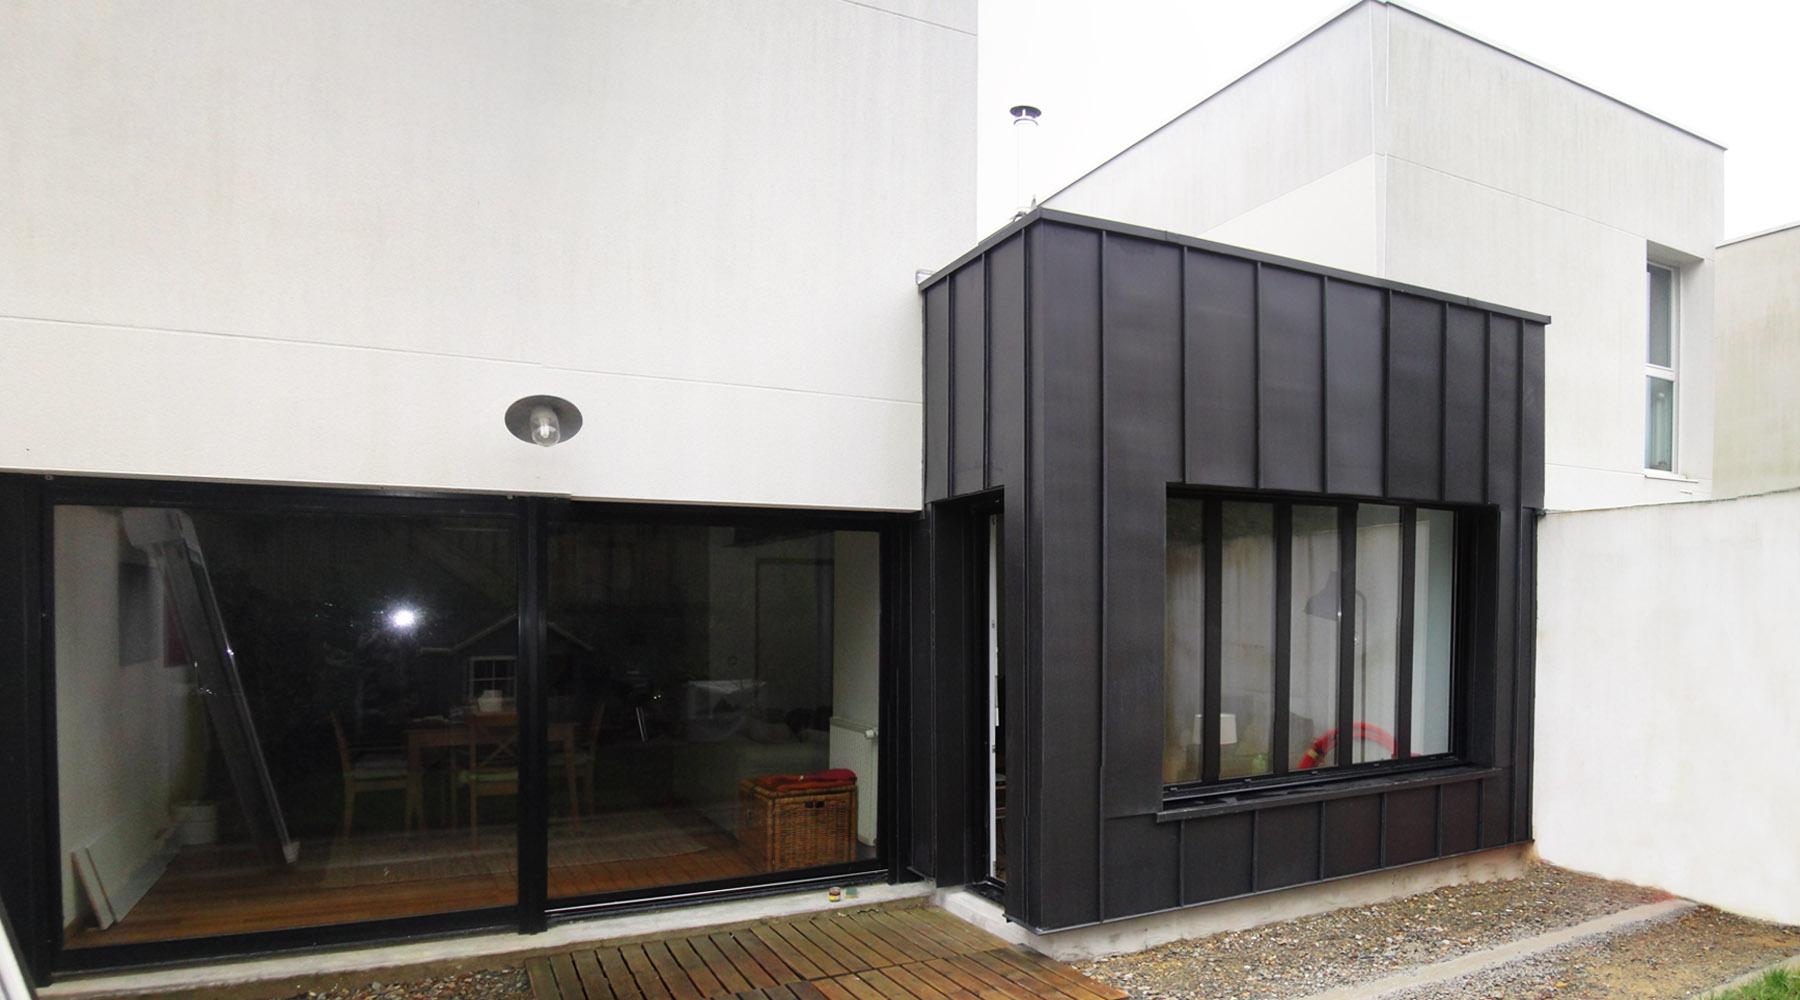 Extension d 39 une maison noyal sur vilaine 35 agence 2 for Architecte extension maison 92